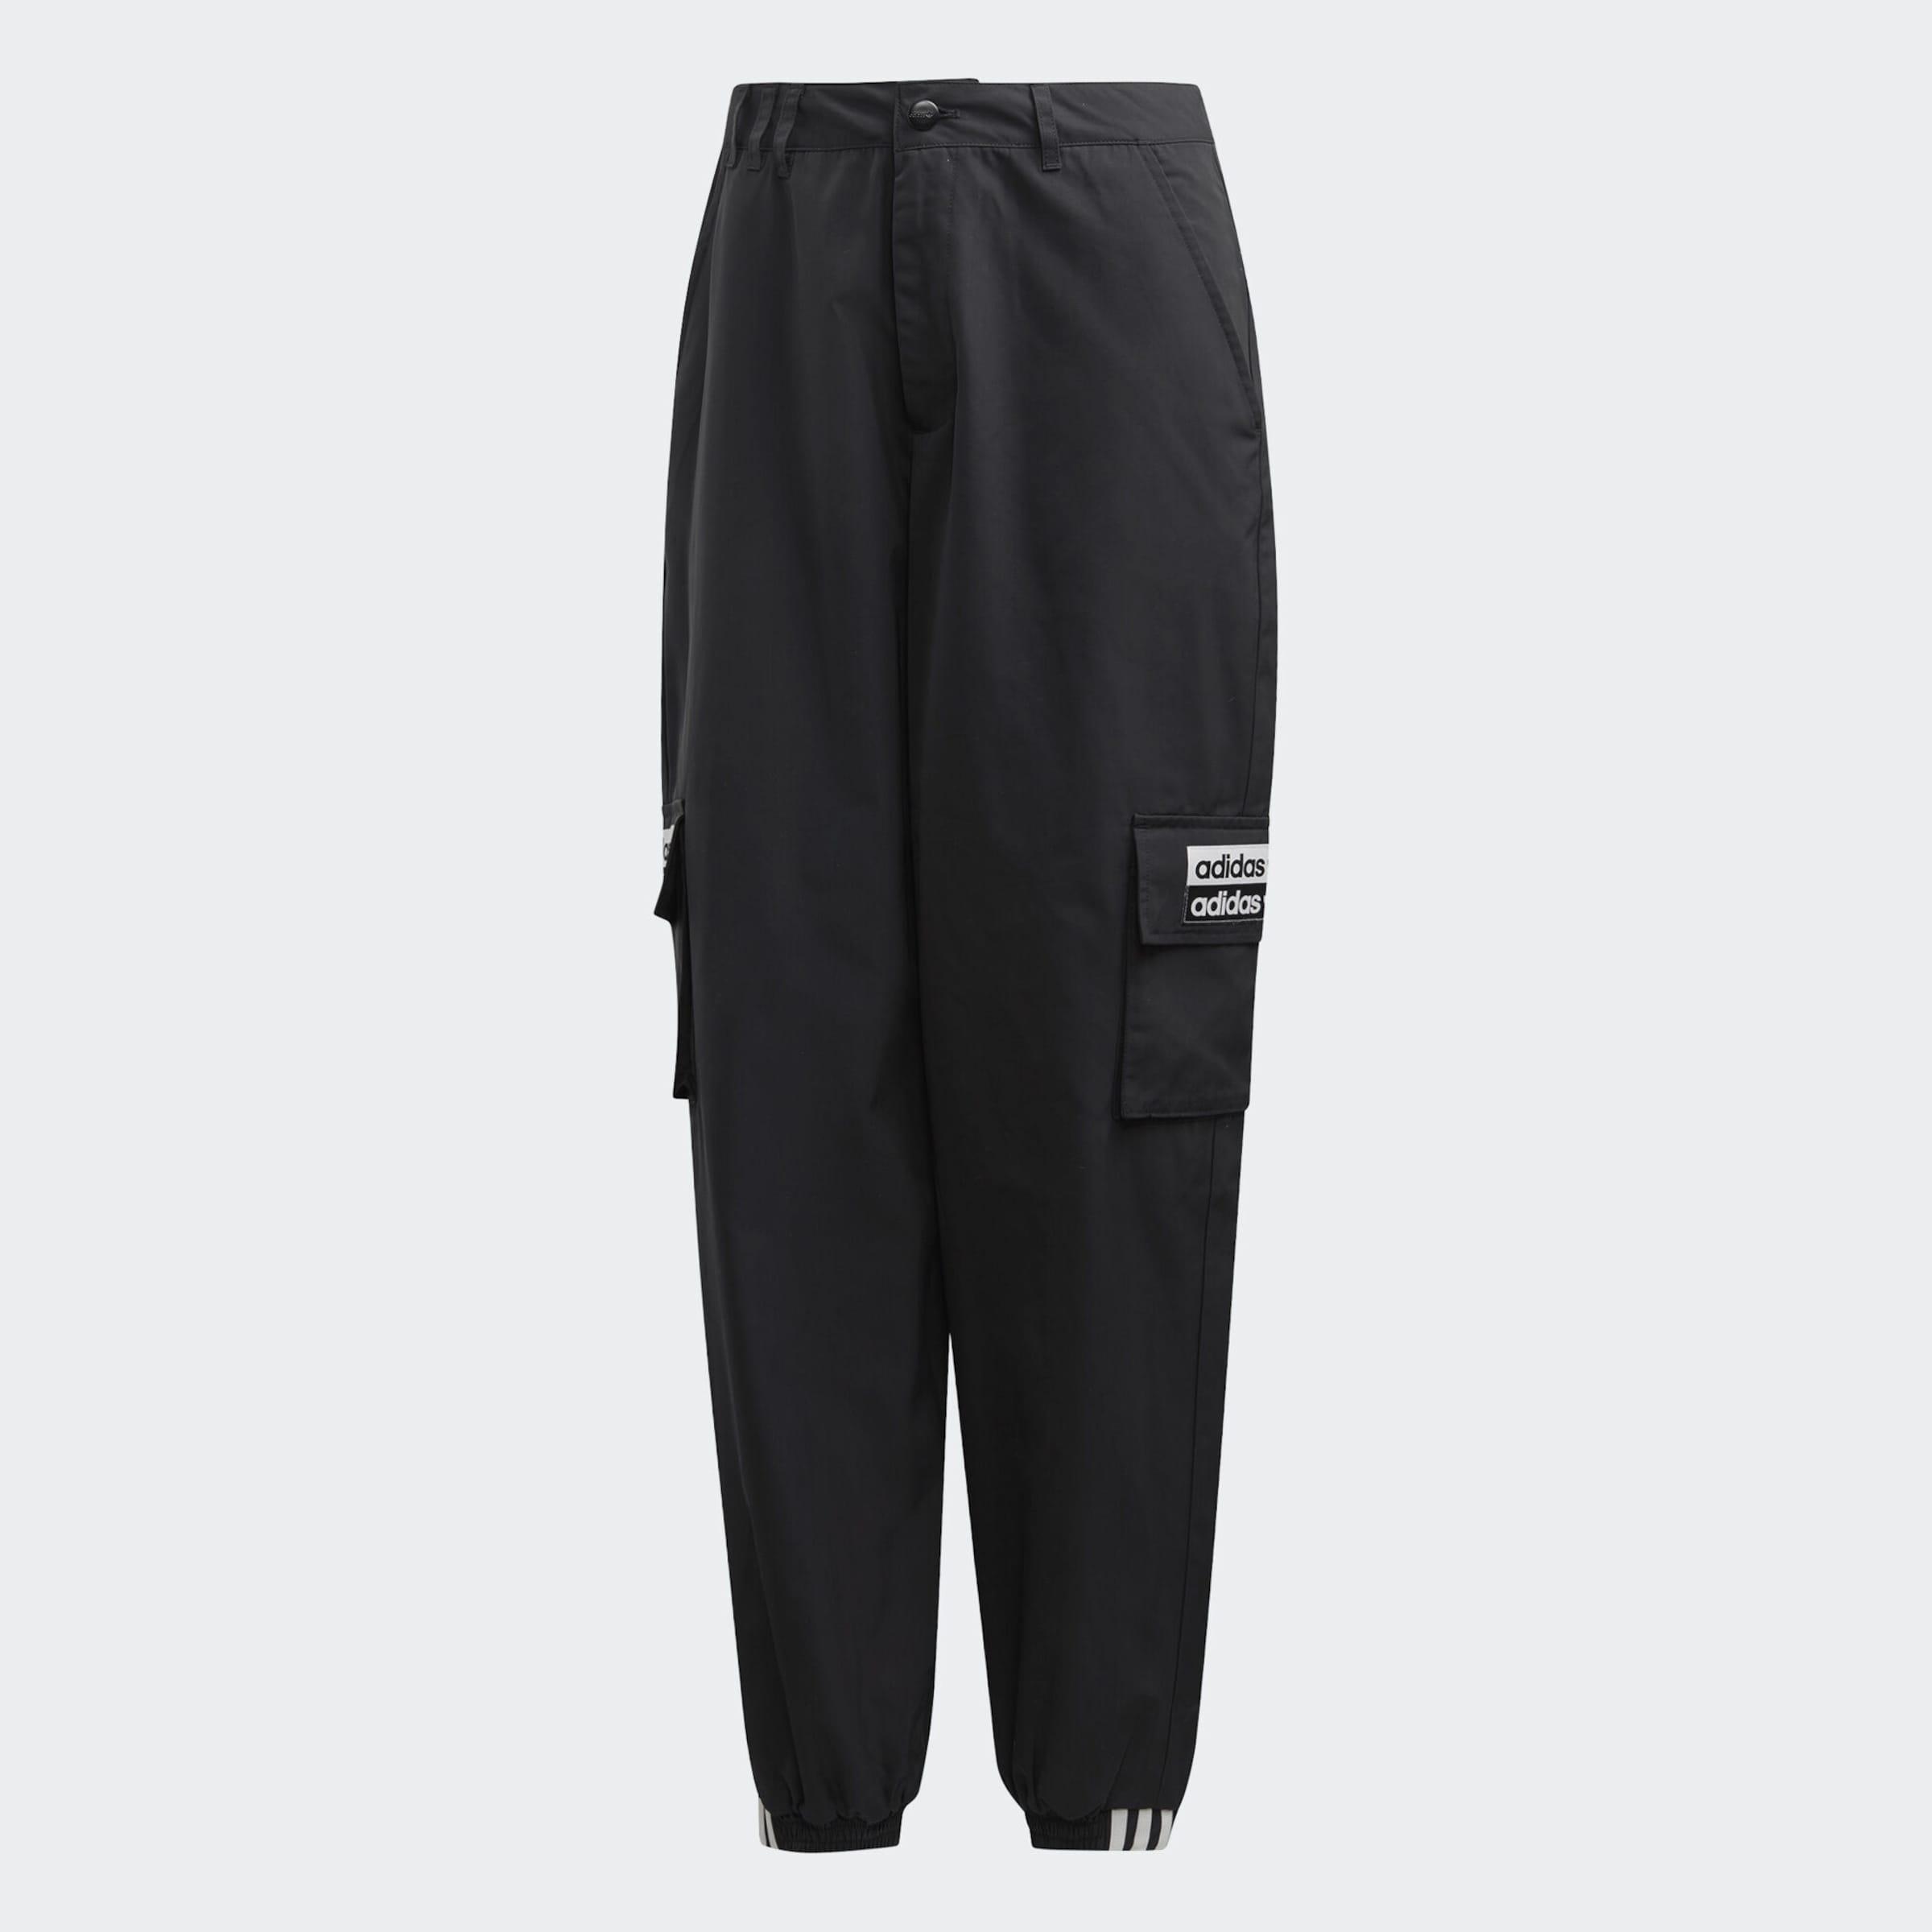 Adidas Originals En Pantalon En Originals Noir Adidas Originals Pantalon Adidas Pantalon En Noir qMjVpSzLUG